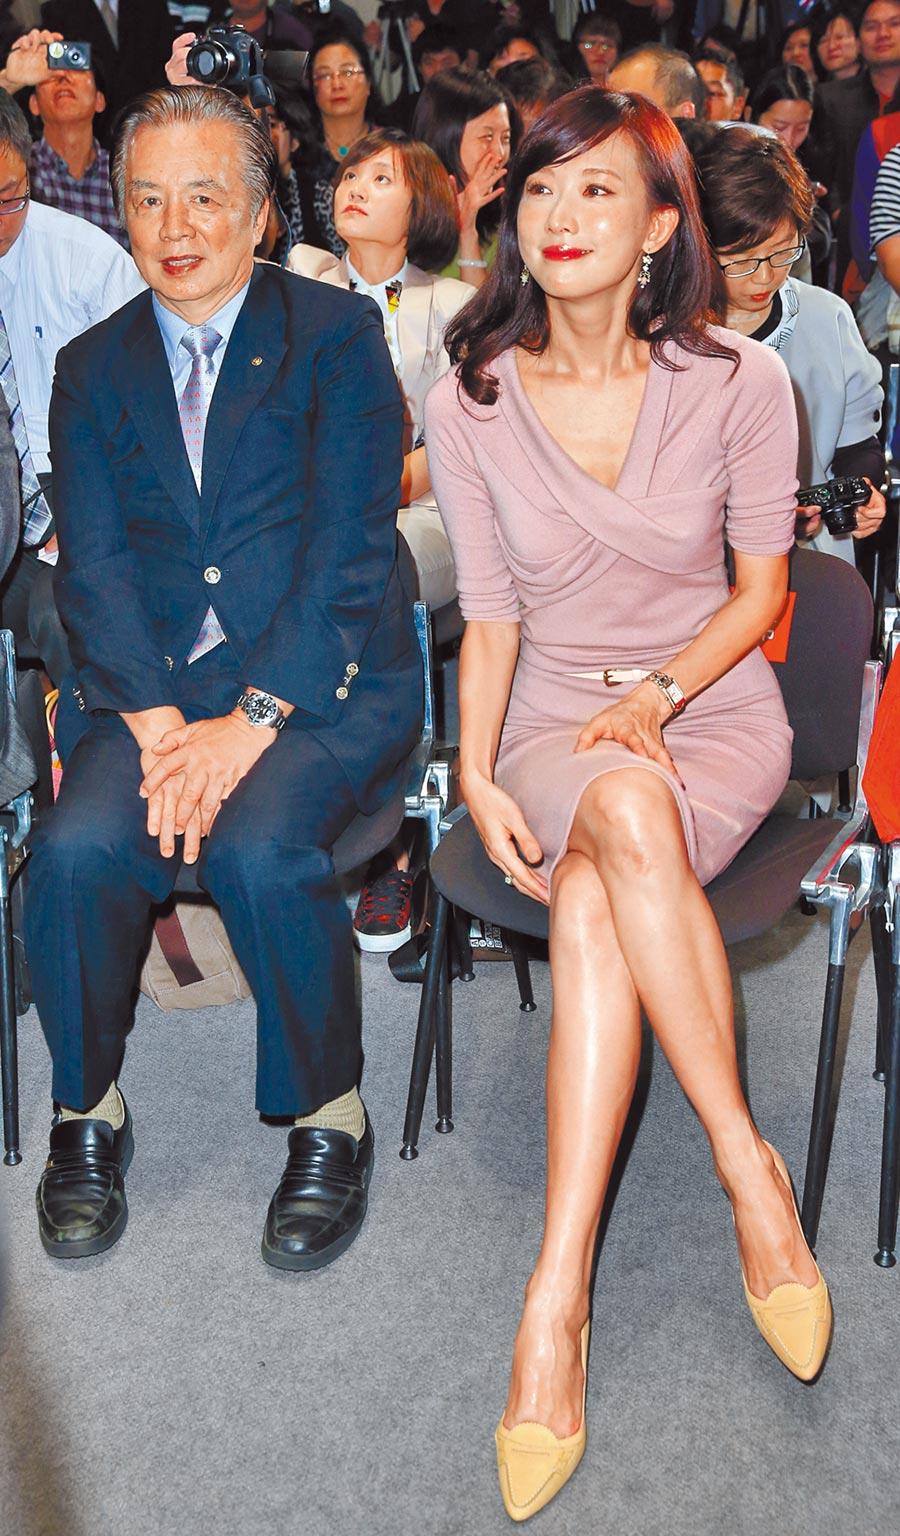 林繁男(左)過去不太催婚,如今女兒林志玲找到歸宿,他十分開心。(資料照片)